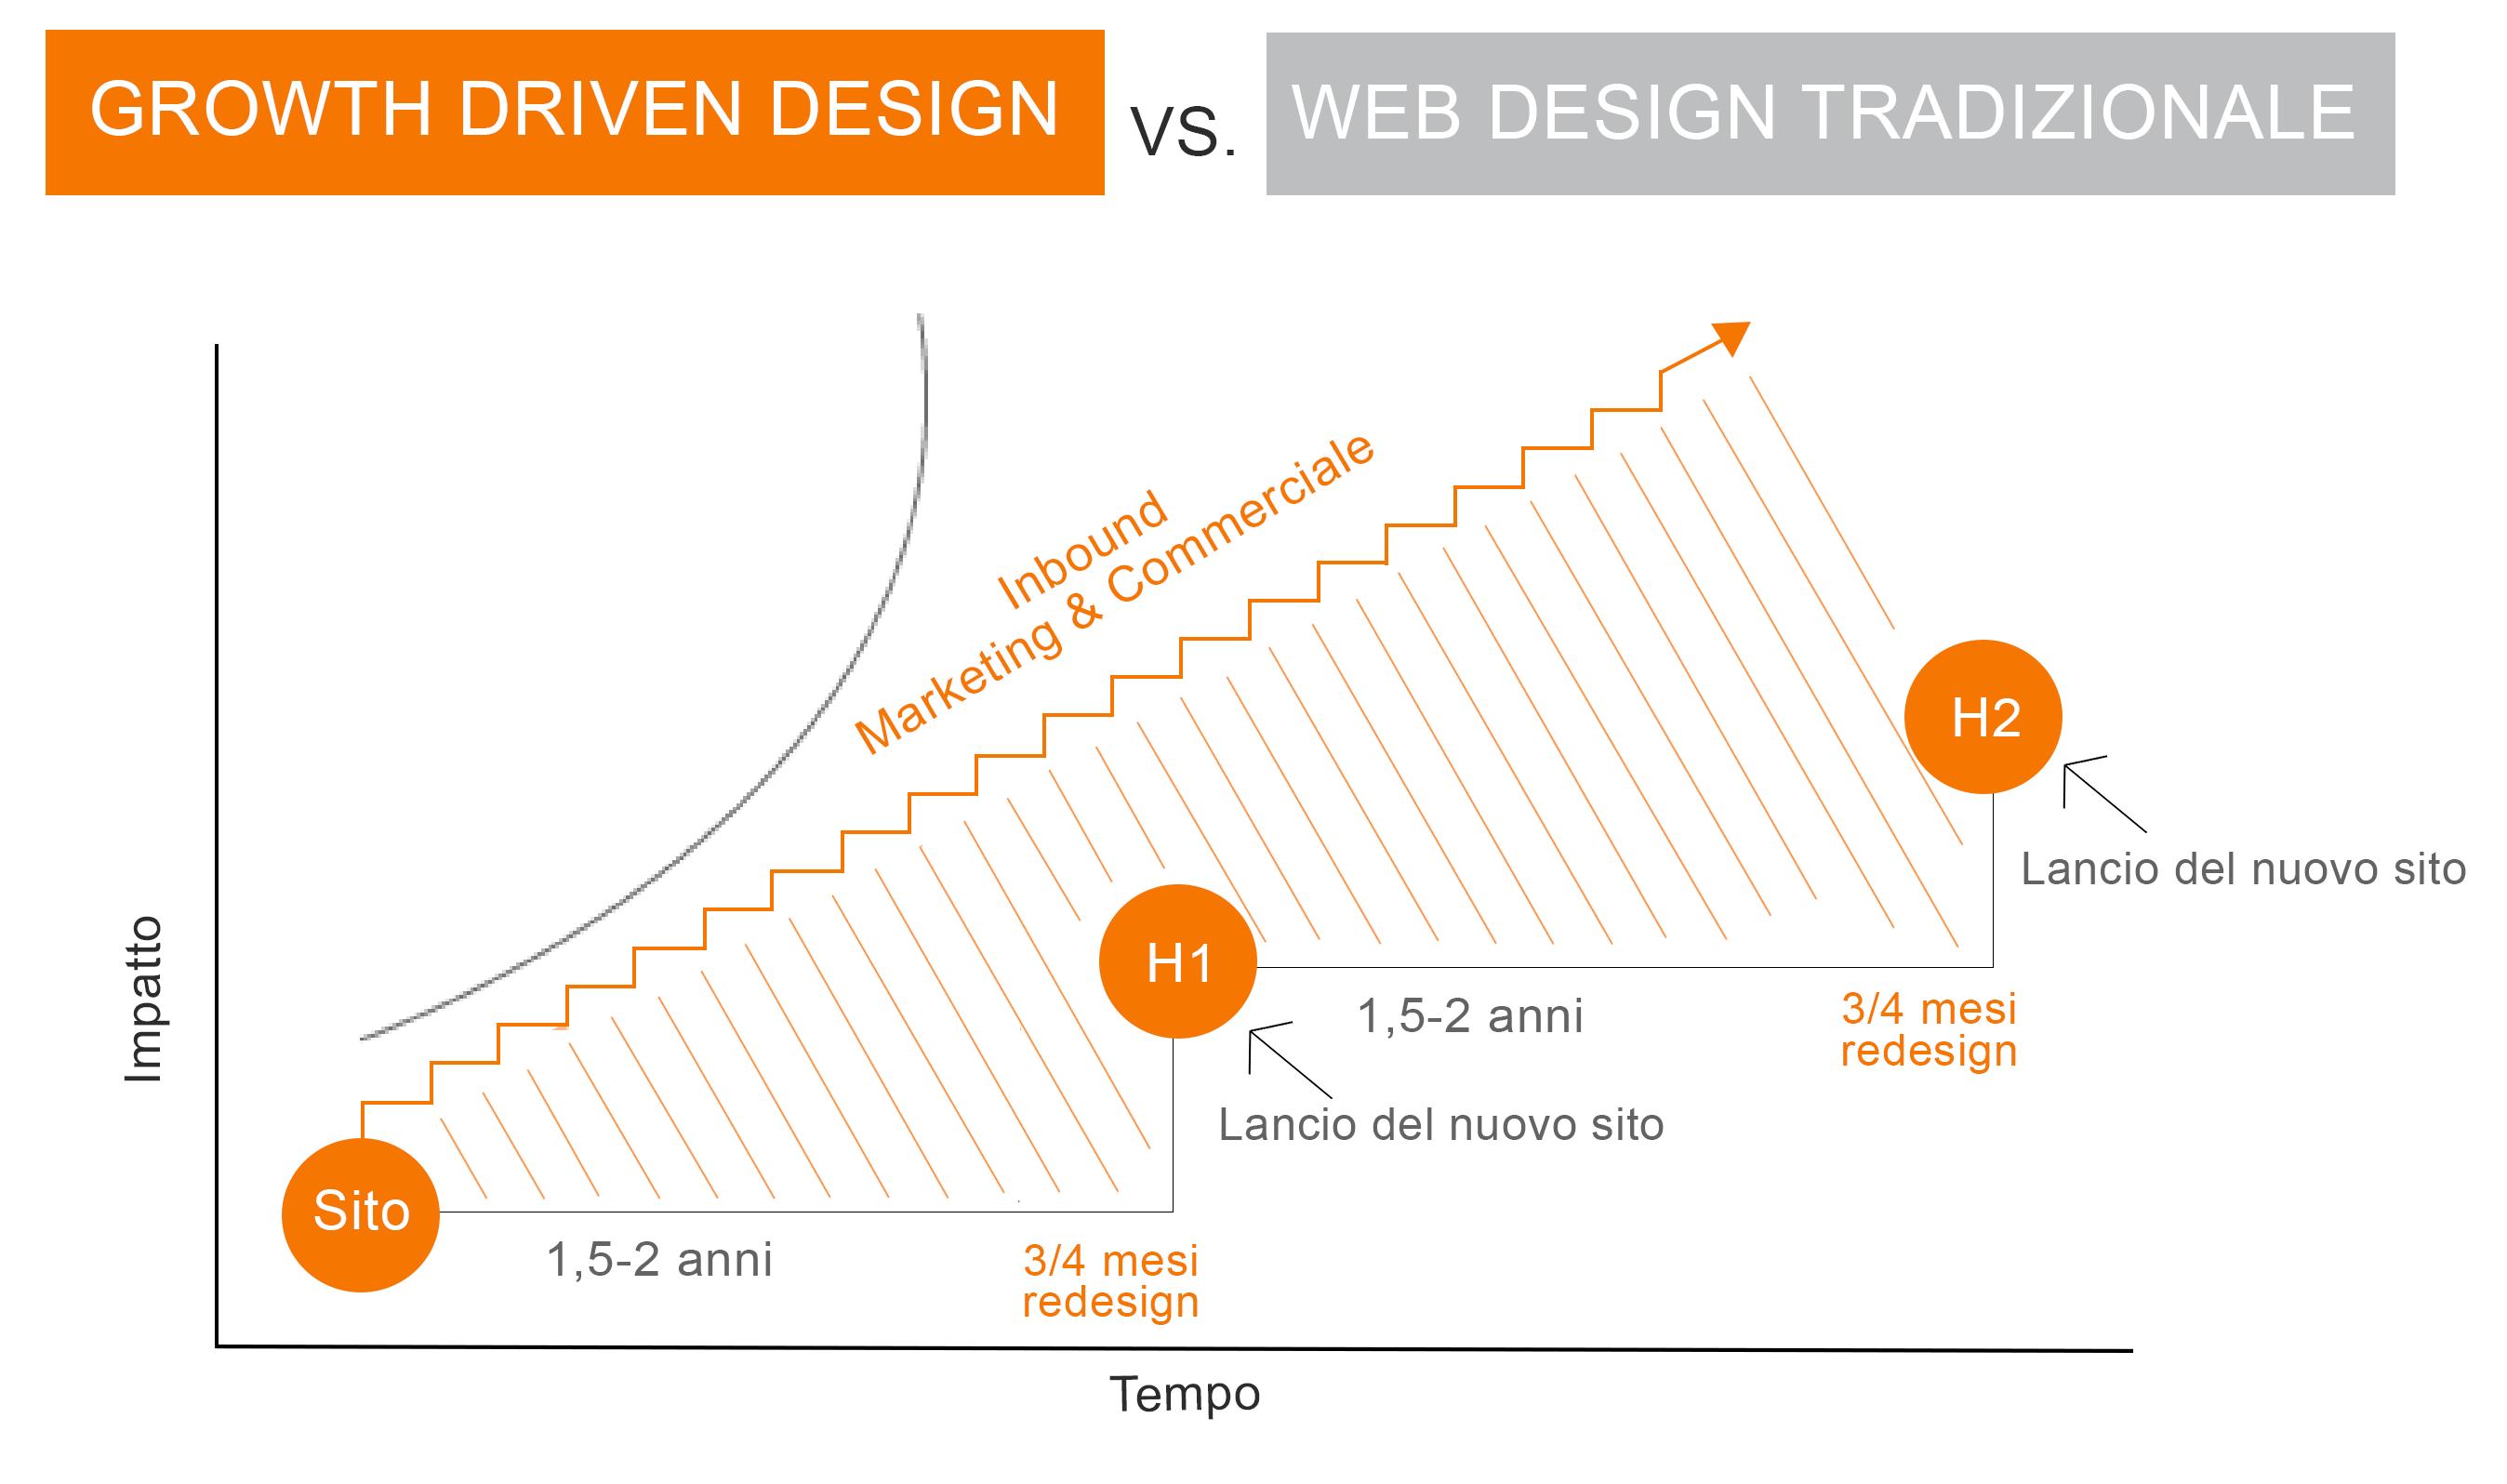 growt driven vs design tradizionale